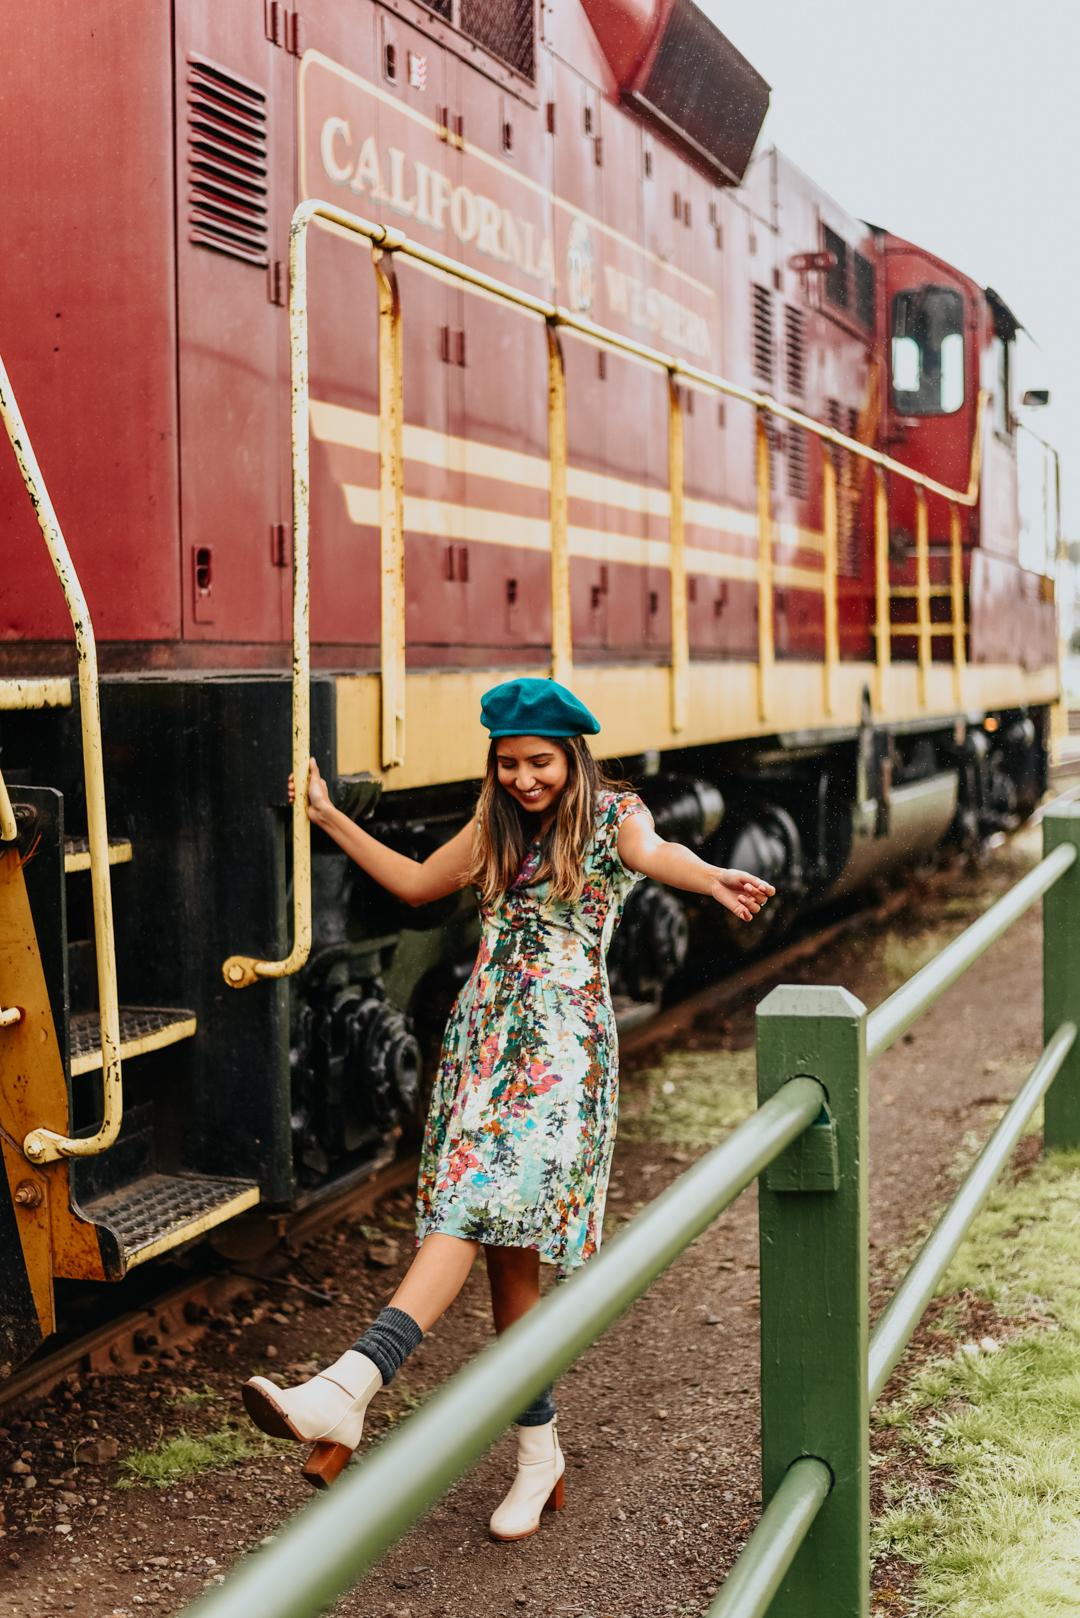 mendocino-staycation-skunk-train-blogger 12